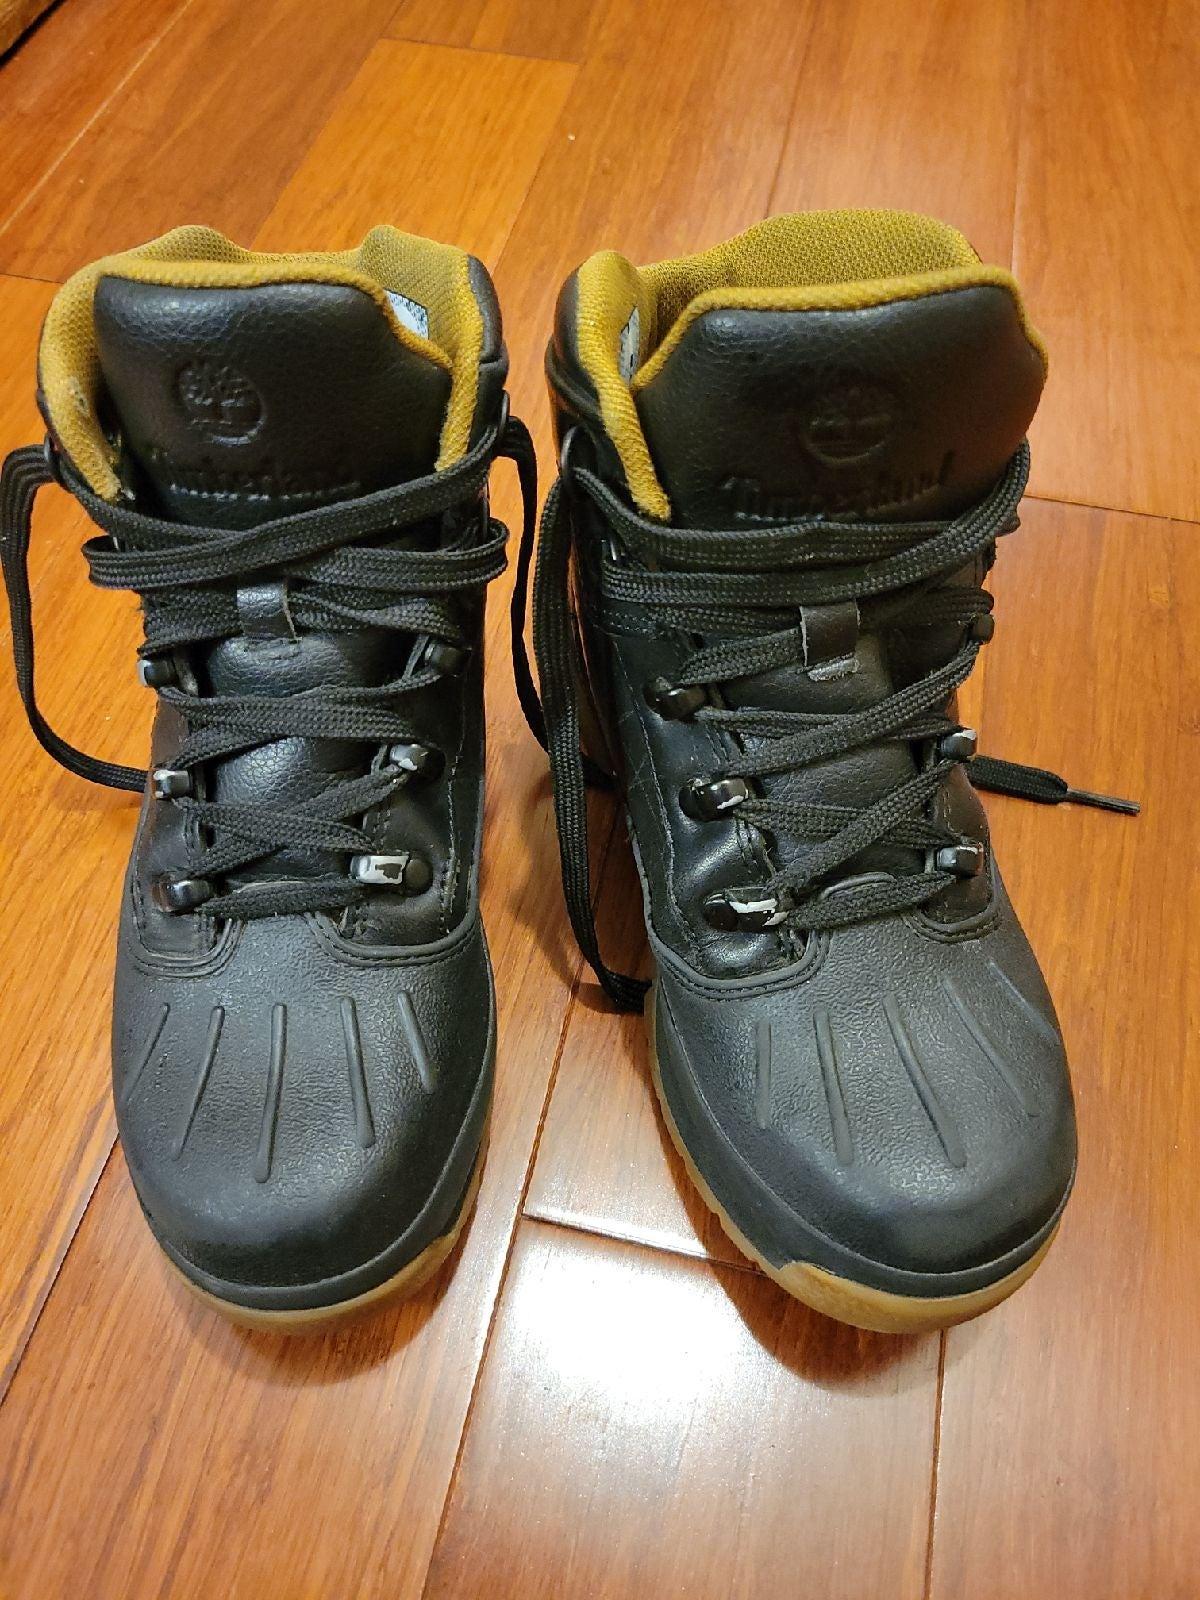 Timberland boots size 2 kids